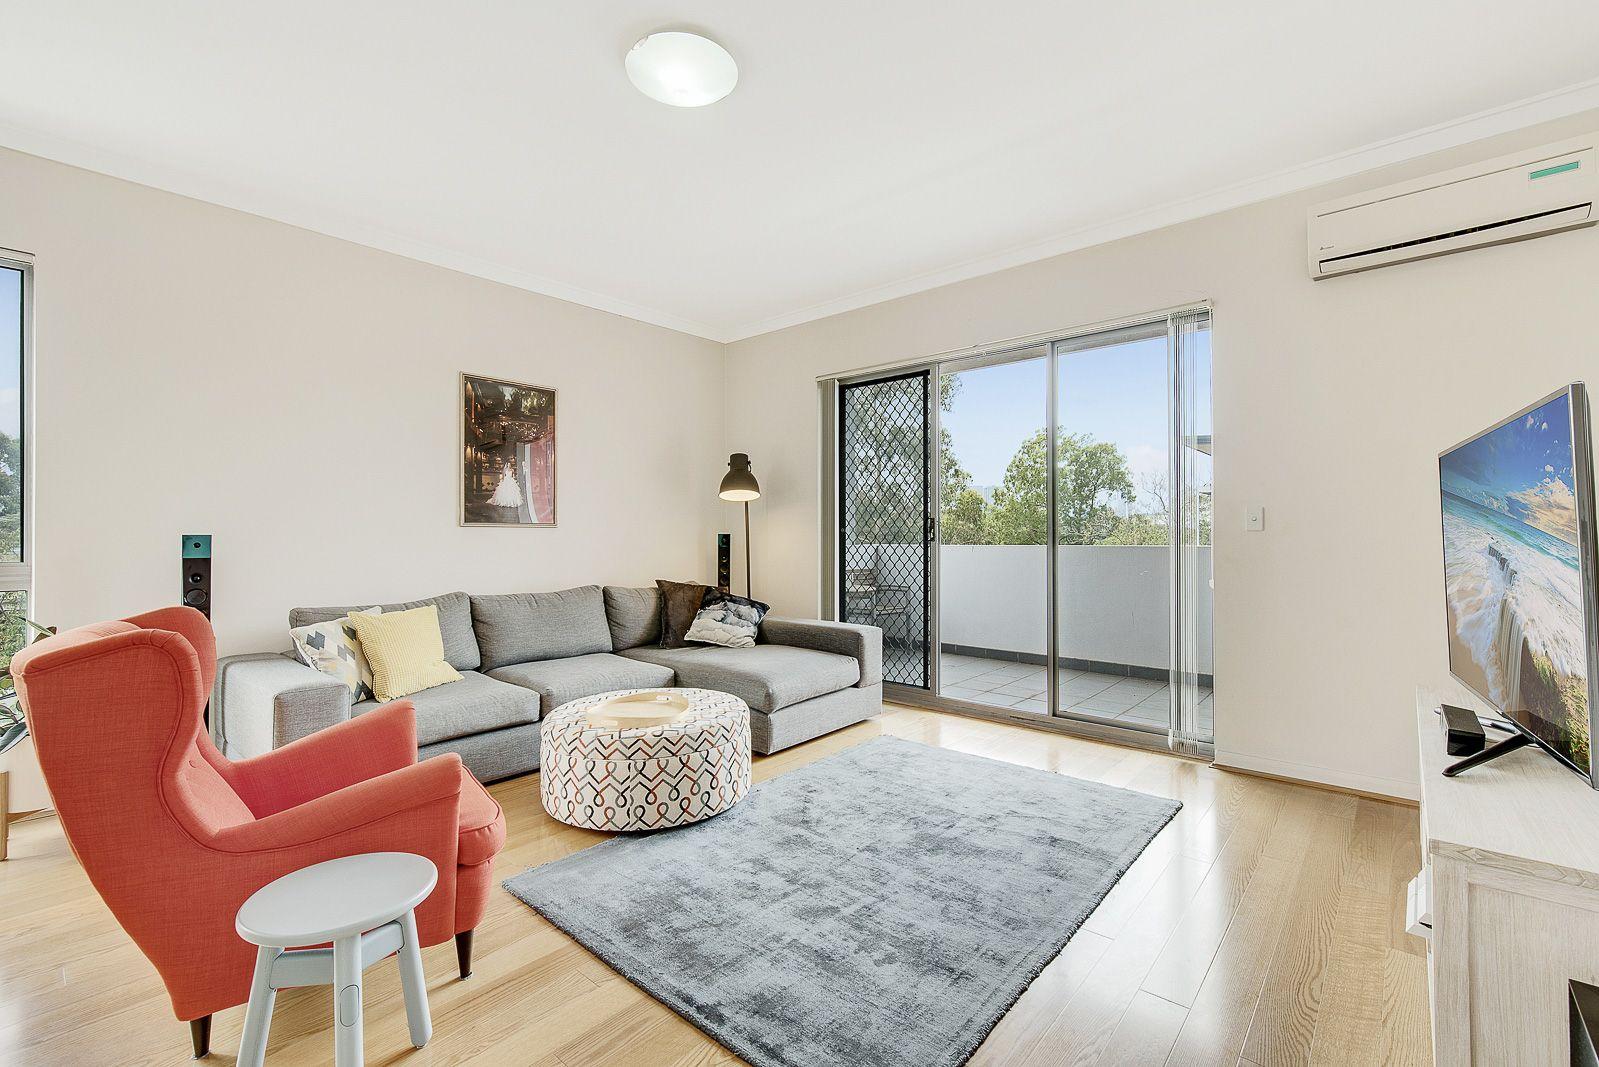 15/205-207 William Street, Merrylands NSW 2160, Image 2